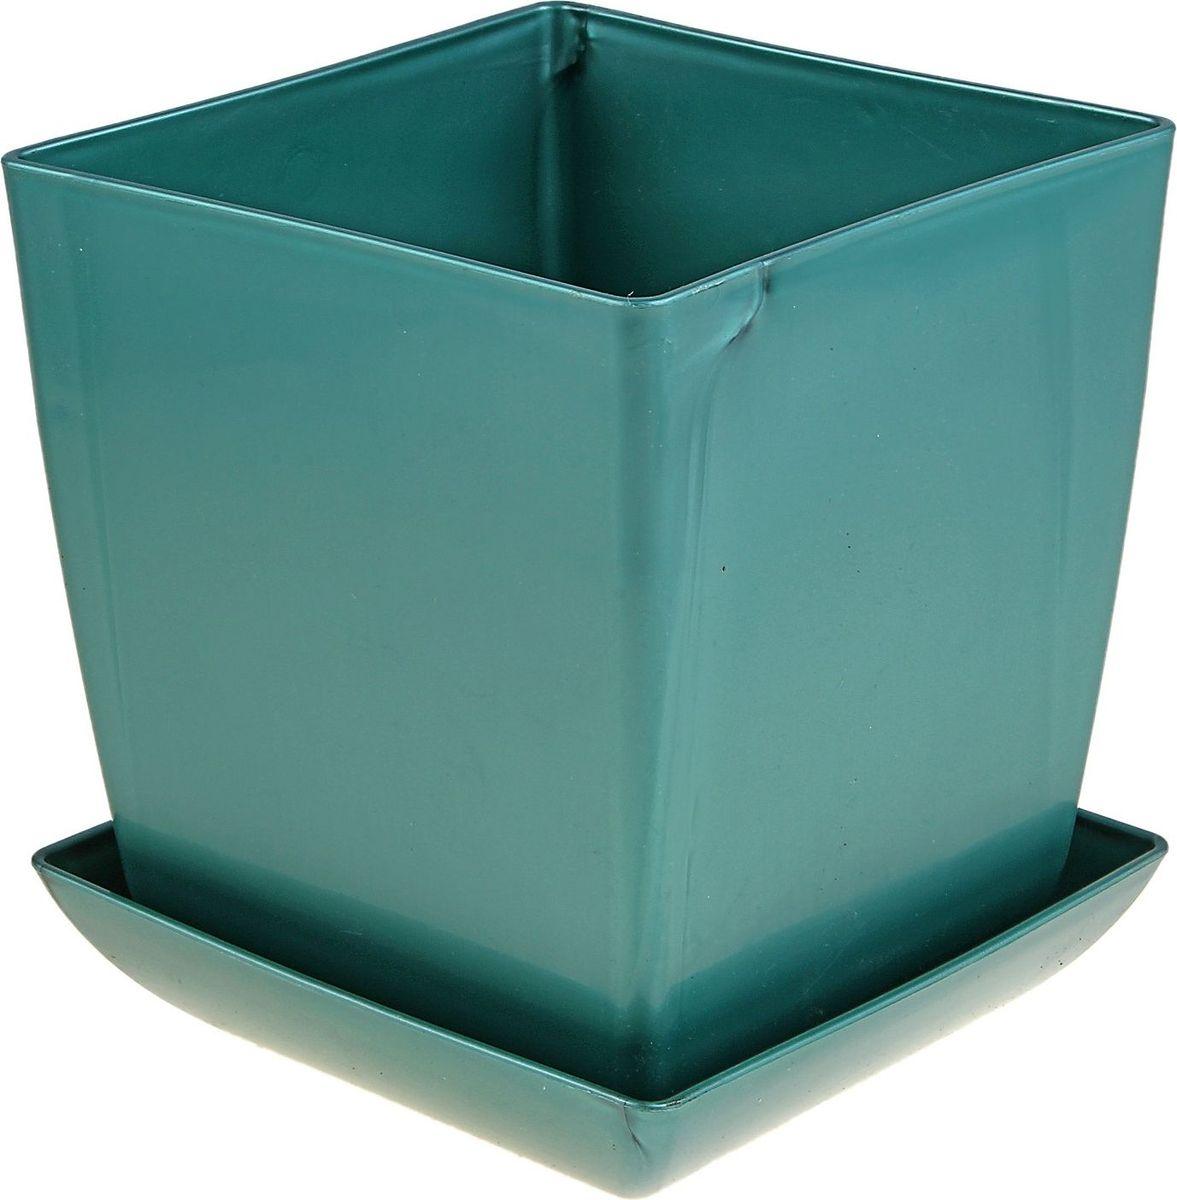 Горшок для цветов Мегапласт Квадрат, с поддоном, цвет: бирюзовый перламутр, 3,5 л09840-20.000.00Любой, даже самый современный и продуманный интерьер будет не завершённым без растений. Они не только очищают воздух и насыщают его кислородом, но и заметно украшают окружающее пространство. Такому полезному члену семьи просто необходимо красивое и функциональное кашпо, оригинальный горшок или необычная ваза! Мы предлагаем - Горшок для цветов с поддоном 16х16 см Квадрат 3,5 л, цвет бирюзовый перламутр! Оптимальный выбор материала пластмасса! Почему мы так считаем? Малый вес. С лёгкостью переносите горшки и кашпо с места на место, ставьте их на столики или полки, подвешивайте под потолок, не беспокоясь о нагрузке. Простота ухода. Пластиковые изделия не нуждаются в специальных условиях хранения. Их легко чистить достаточно просто сполоснуть тёплой водой. Никаких царапин. Пластиковые кашпо не царапают и не загрязняют поверхности, на которых стоят. Пластик дольше хранит влагу, а значит растение реже нуждается в поливе. Пластмасса не пропускает воздух корневой системе растения не грозят резкие перепады температур. Огромный выбор форм, декора и расцветок вы без труда подберёте что-то, что идеально впишется в уже существующий интерьер. Соблюдая нехитрые правила ухода, вы можете заметно продлить срок службы горшков, вазонов и кашпо из пластика: всегда учитывайте размер кроны и корневой системы растения (при разрастании большое растение способно повредить маленький горшок)берегите изделие от воздействия прямых солнечных лучей, чтобы кашпо и горшки не выцветалидержите кашпо и горшки из пластика подальше от нагревающихся поверхностей. Создавайте прекрасные цветочные композиции, выращивайте рассаду или необычные растения, а низкие цены позволят вам не ограничивать себя в выборе.